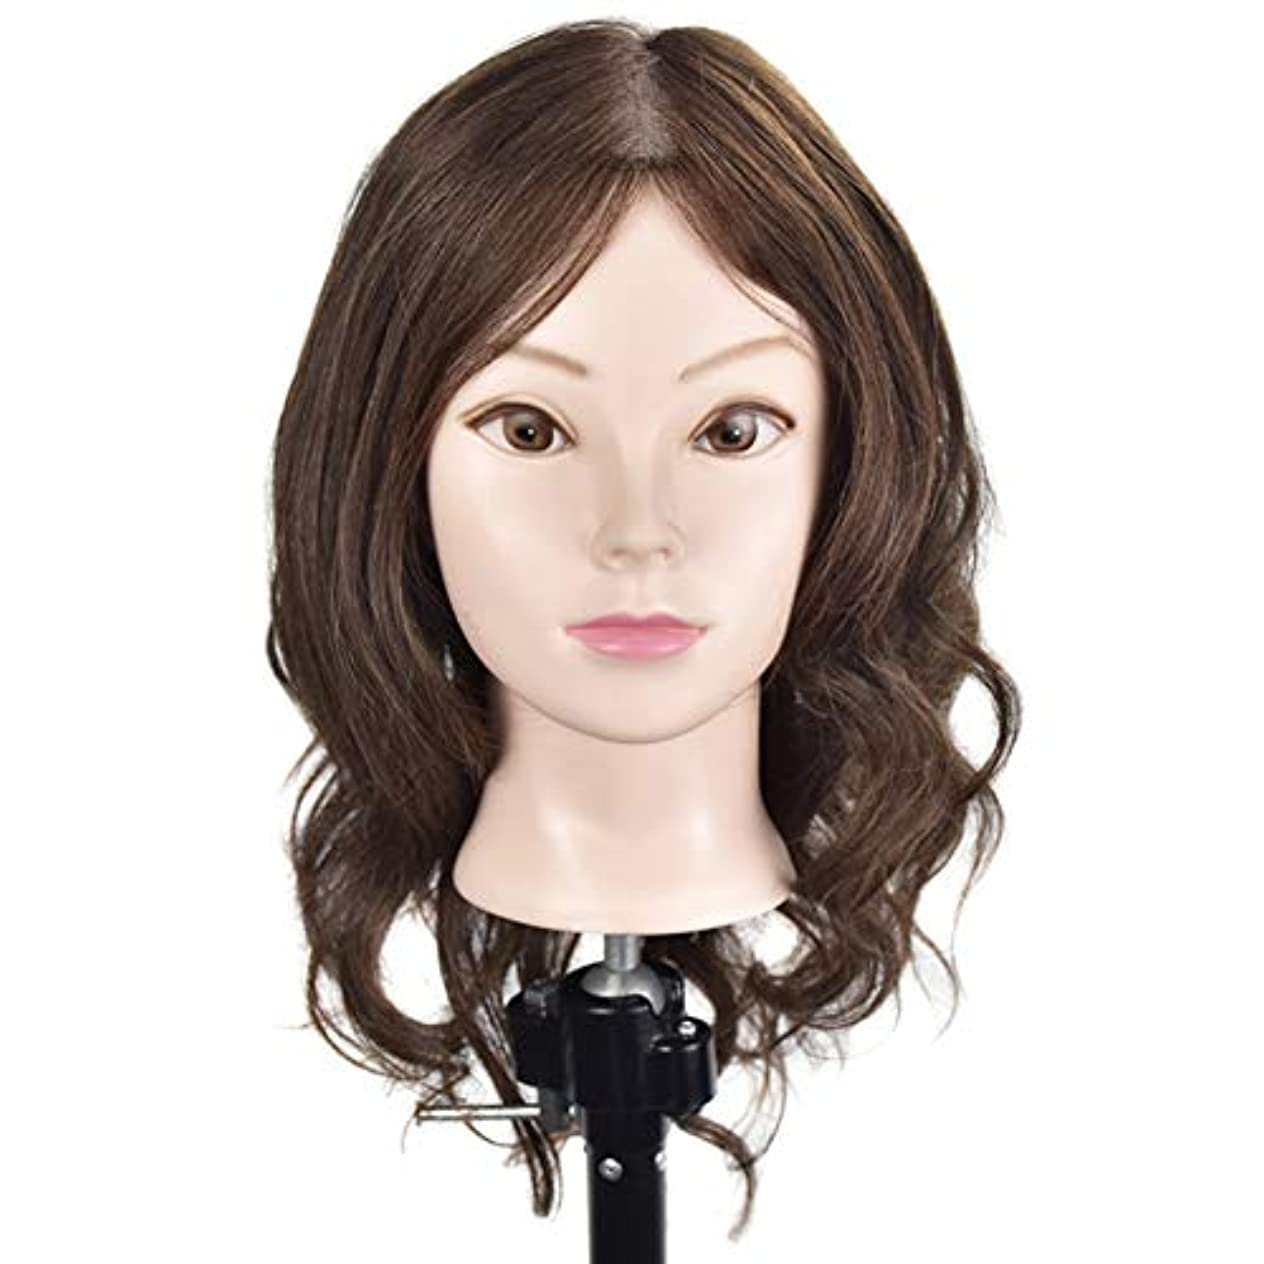 郵便局予測廊下専門の練習ホット染色漂白はさみモデリングマネキン髪編組髪かつら女性モデルティーチングヘッド